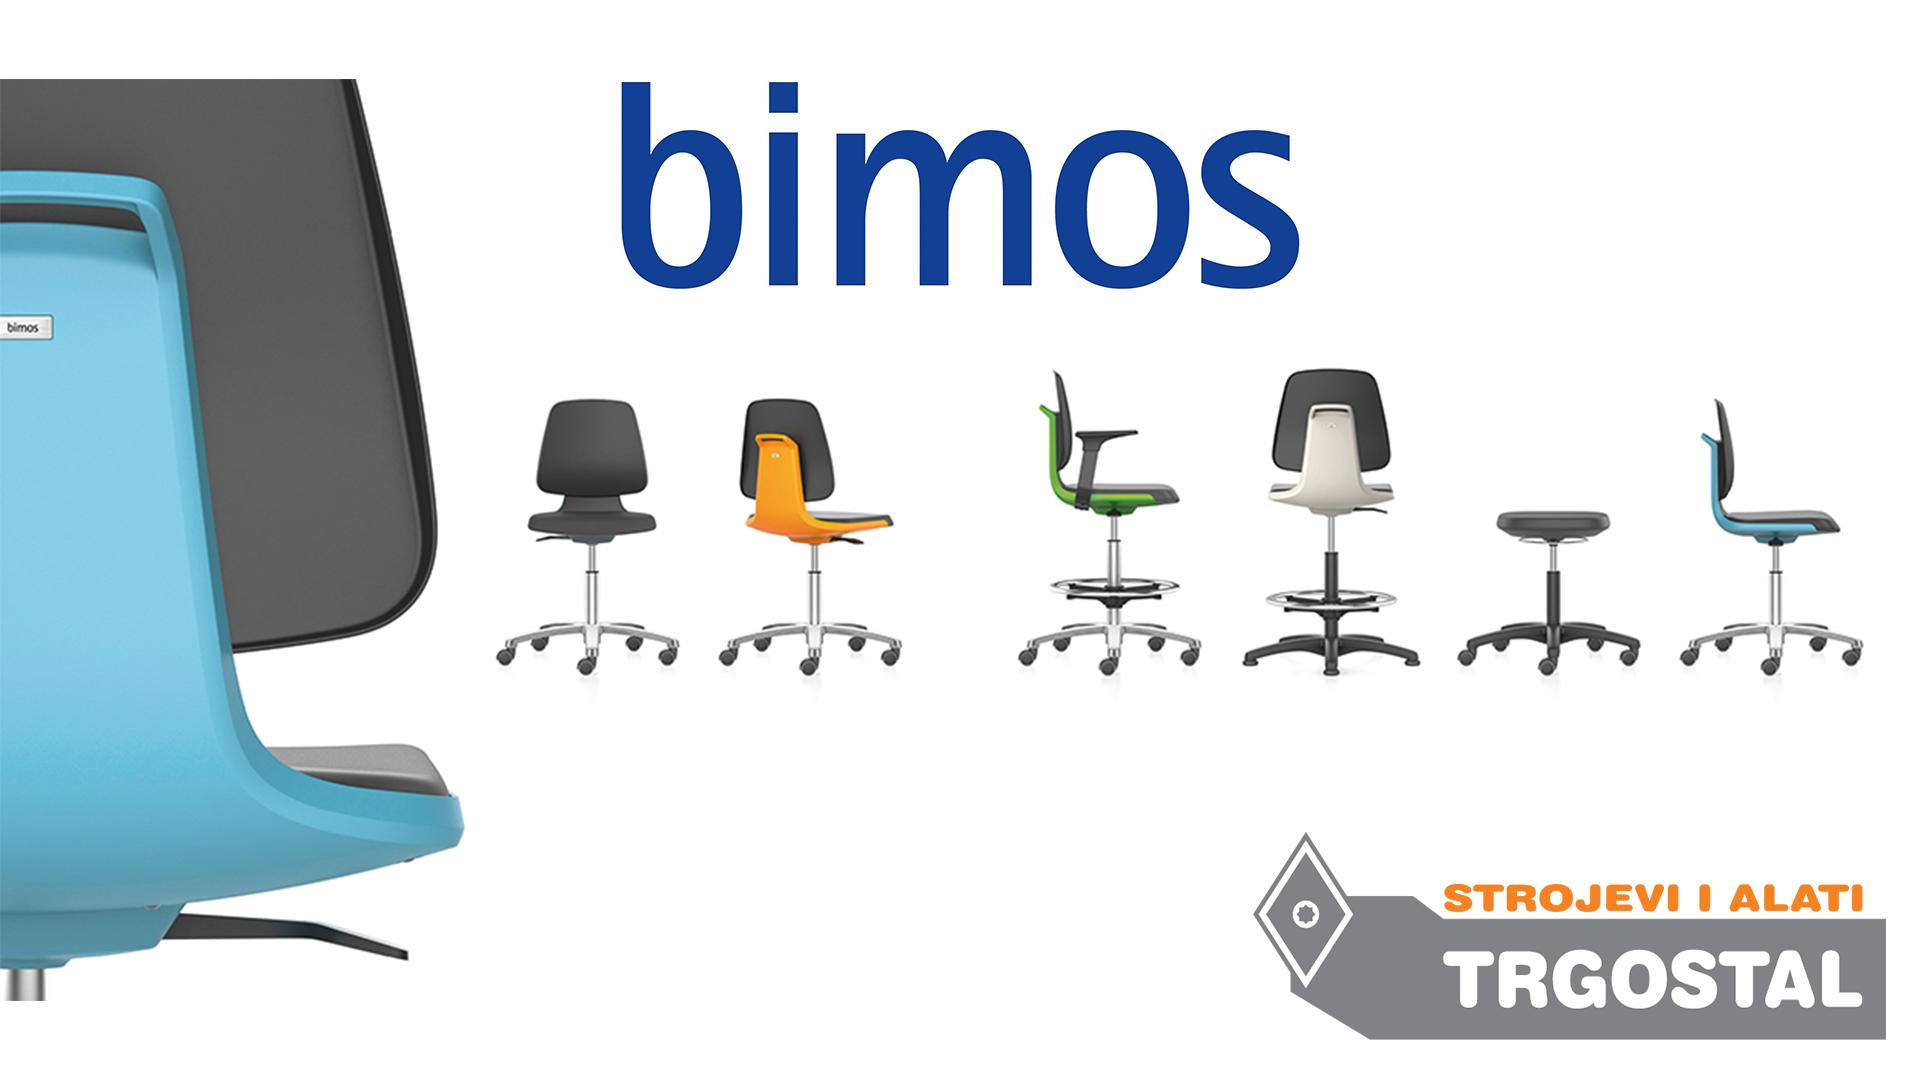 Interstuhl i Bimos - Vrhunske industrijske stolice